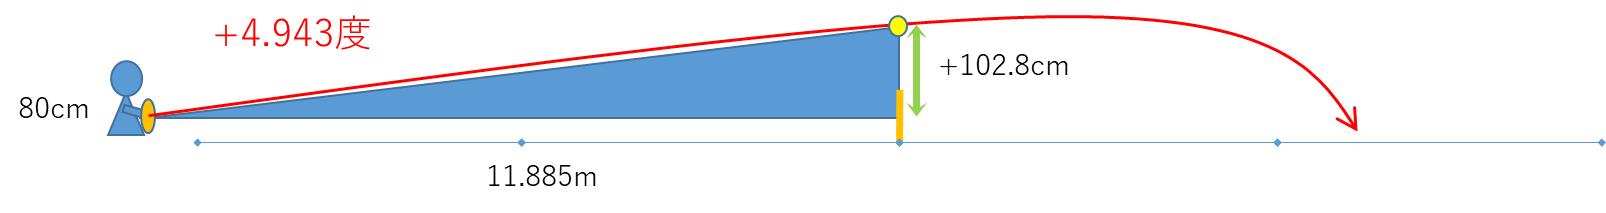 ストロークの打ち出し角度は水平+αでしかない